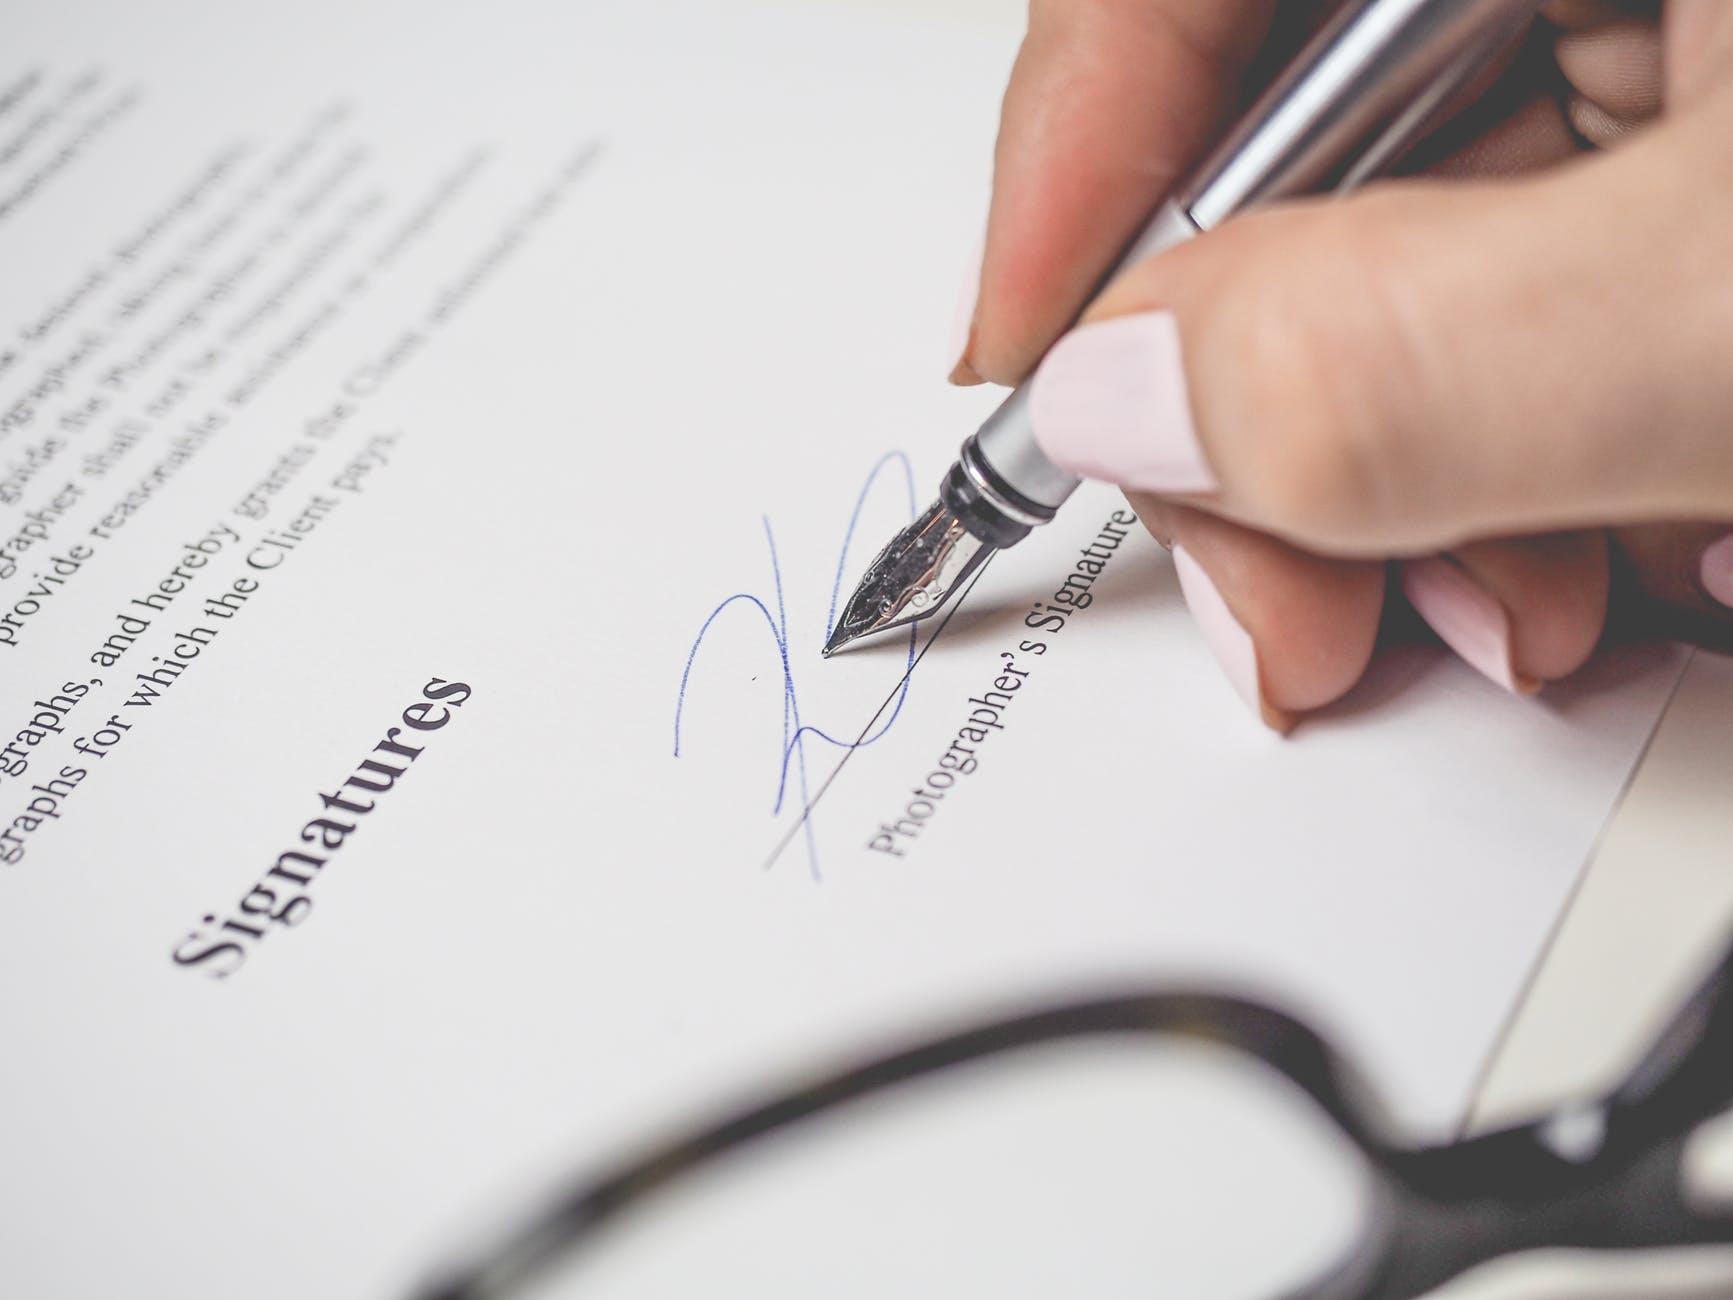 Contoh Surat Perjanjian untuk Melindungi Transaksi Bisnis